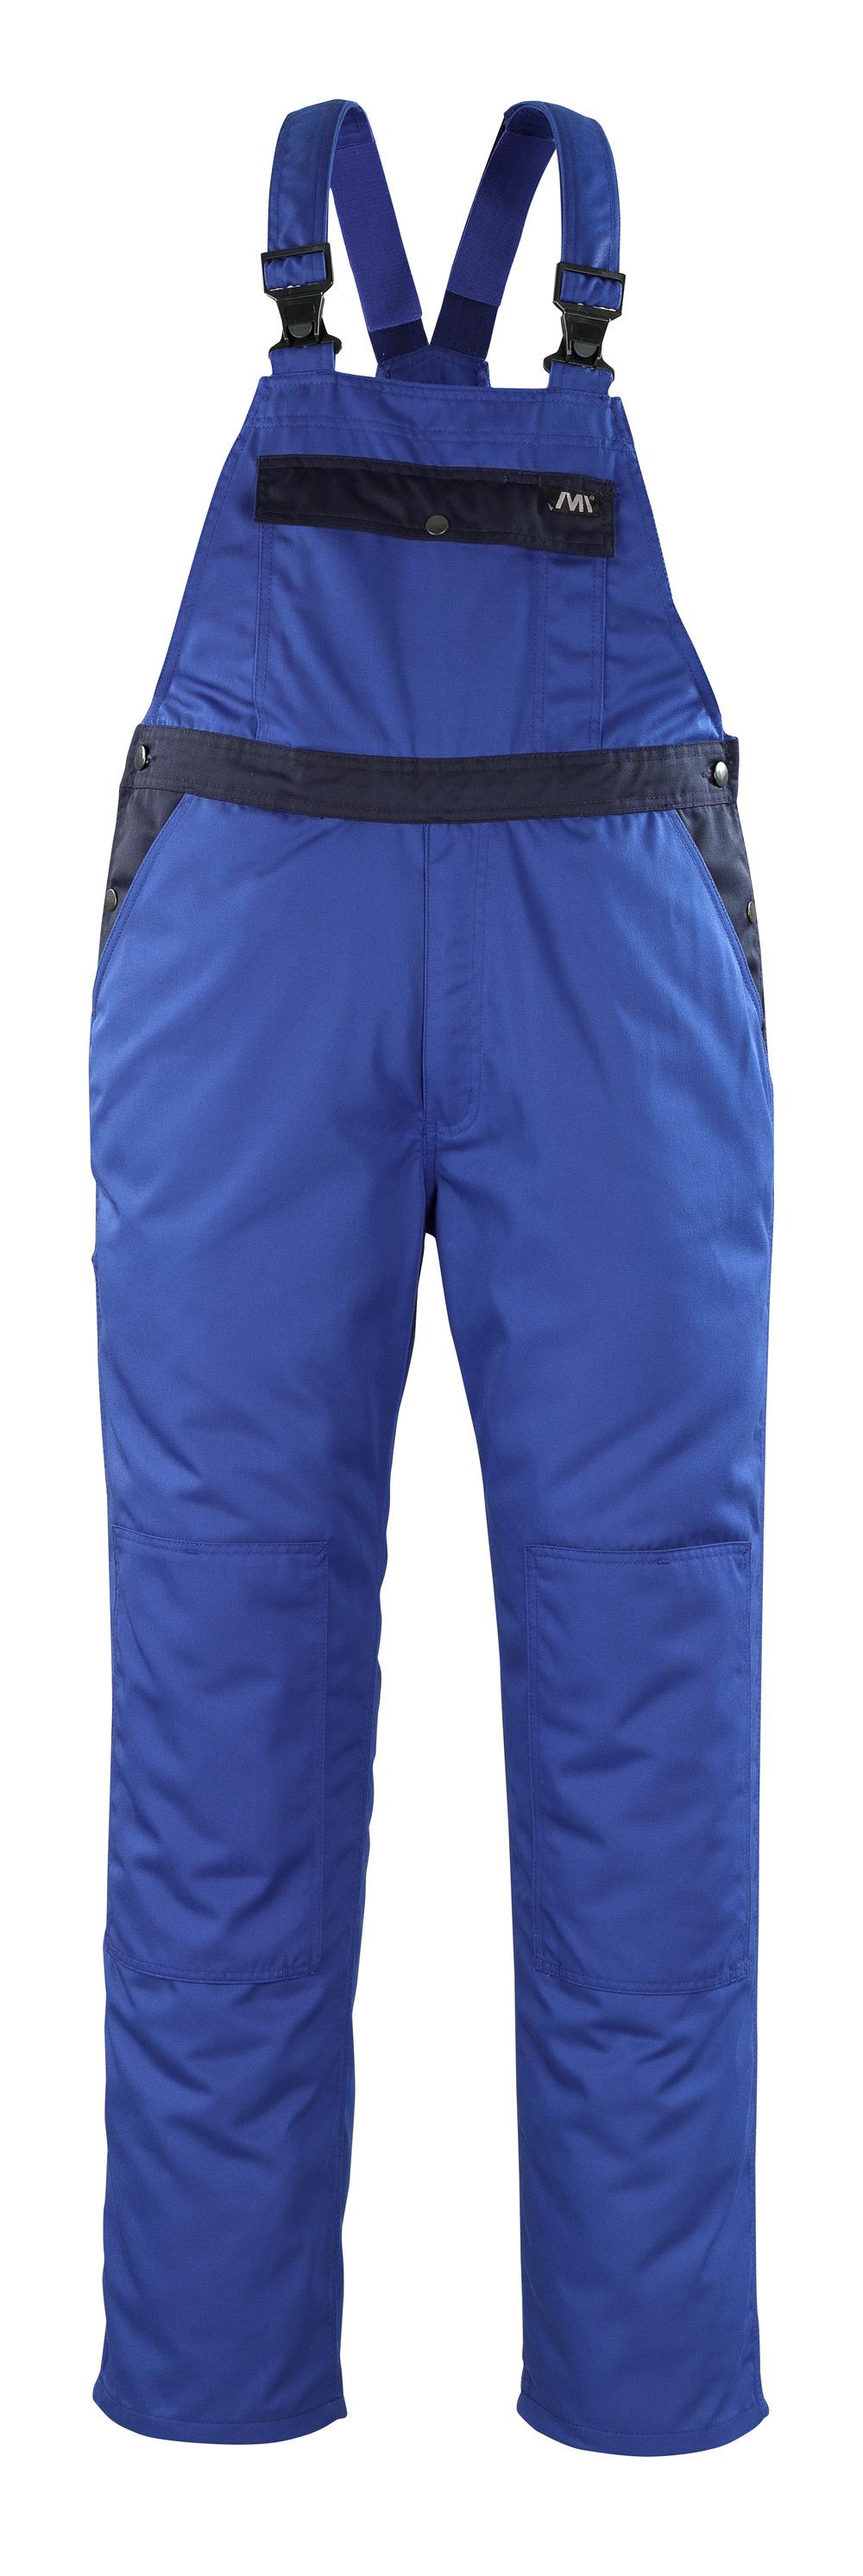 04569-800-1101 Peto con bolsillos para rodilleras - azul real/azul marino